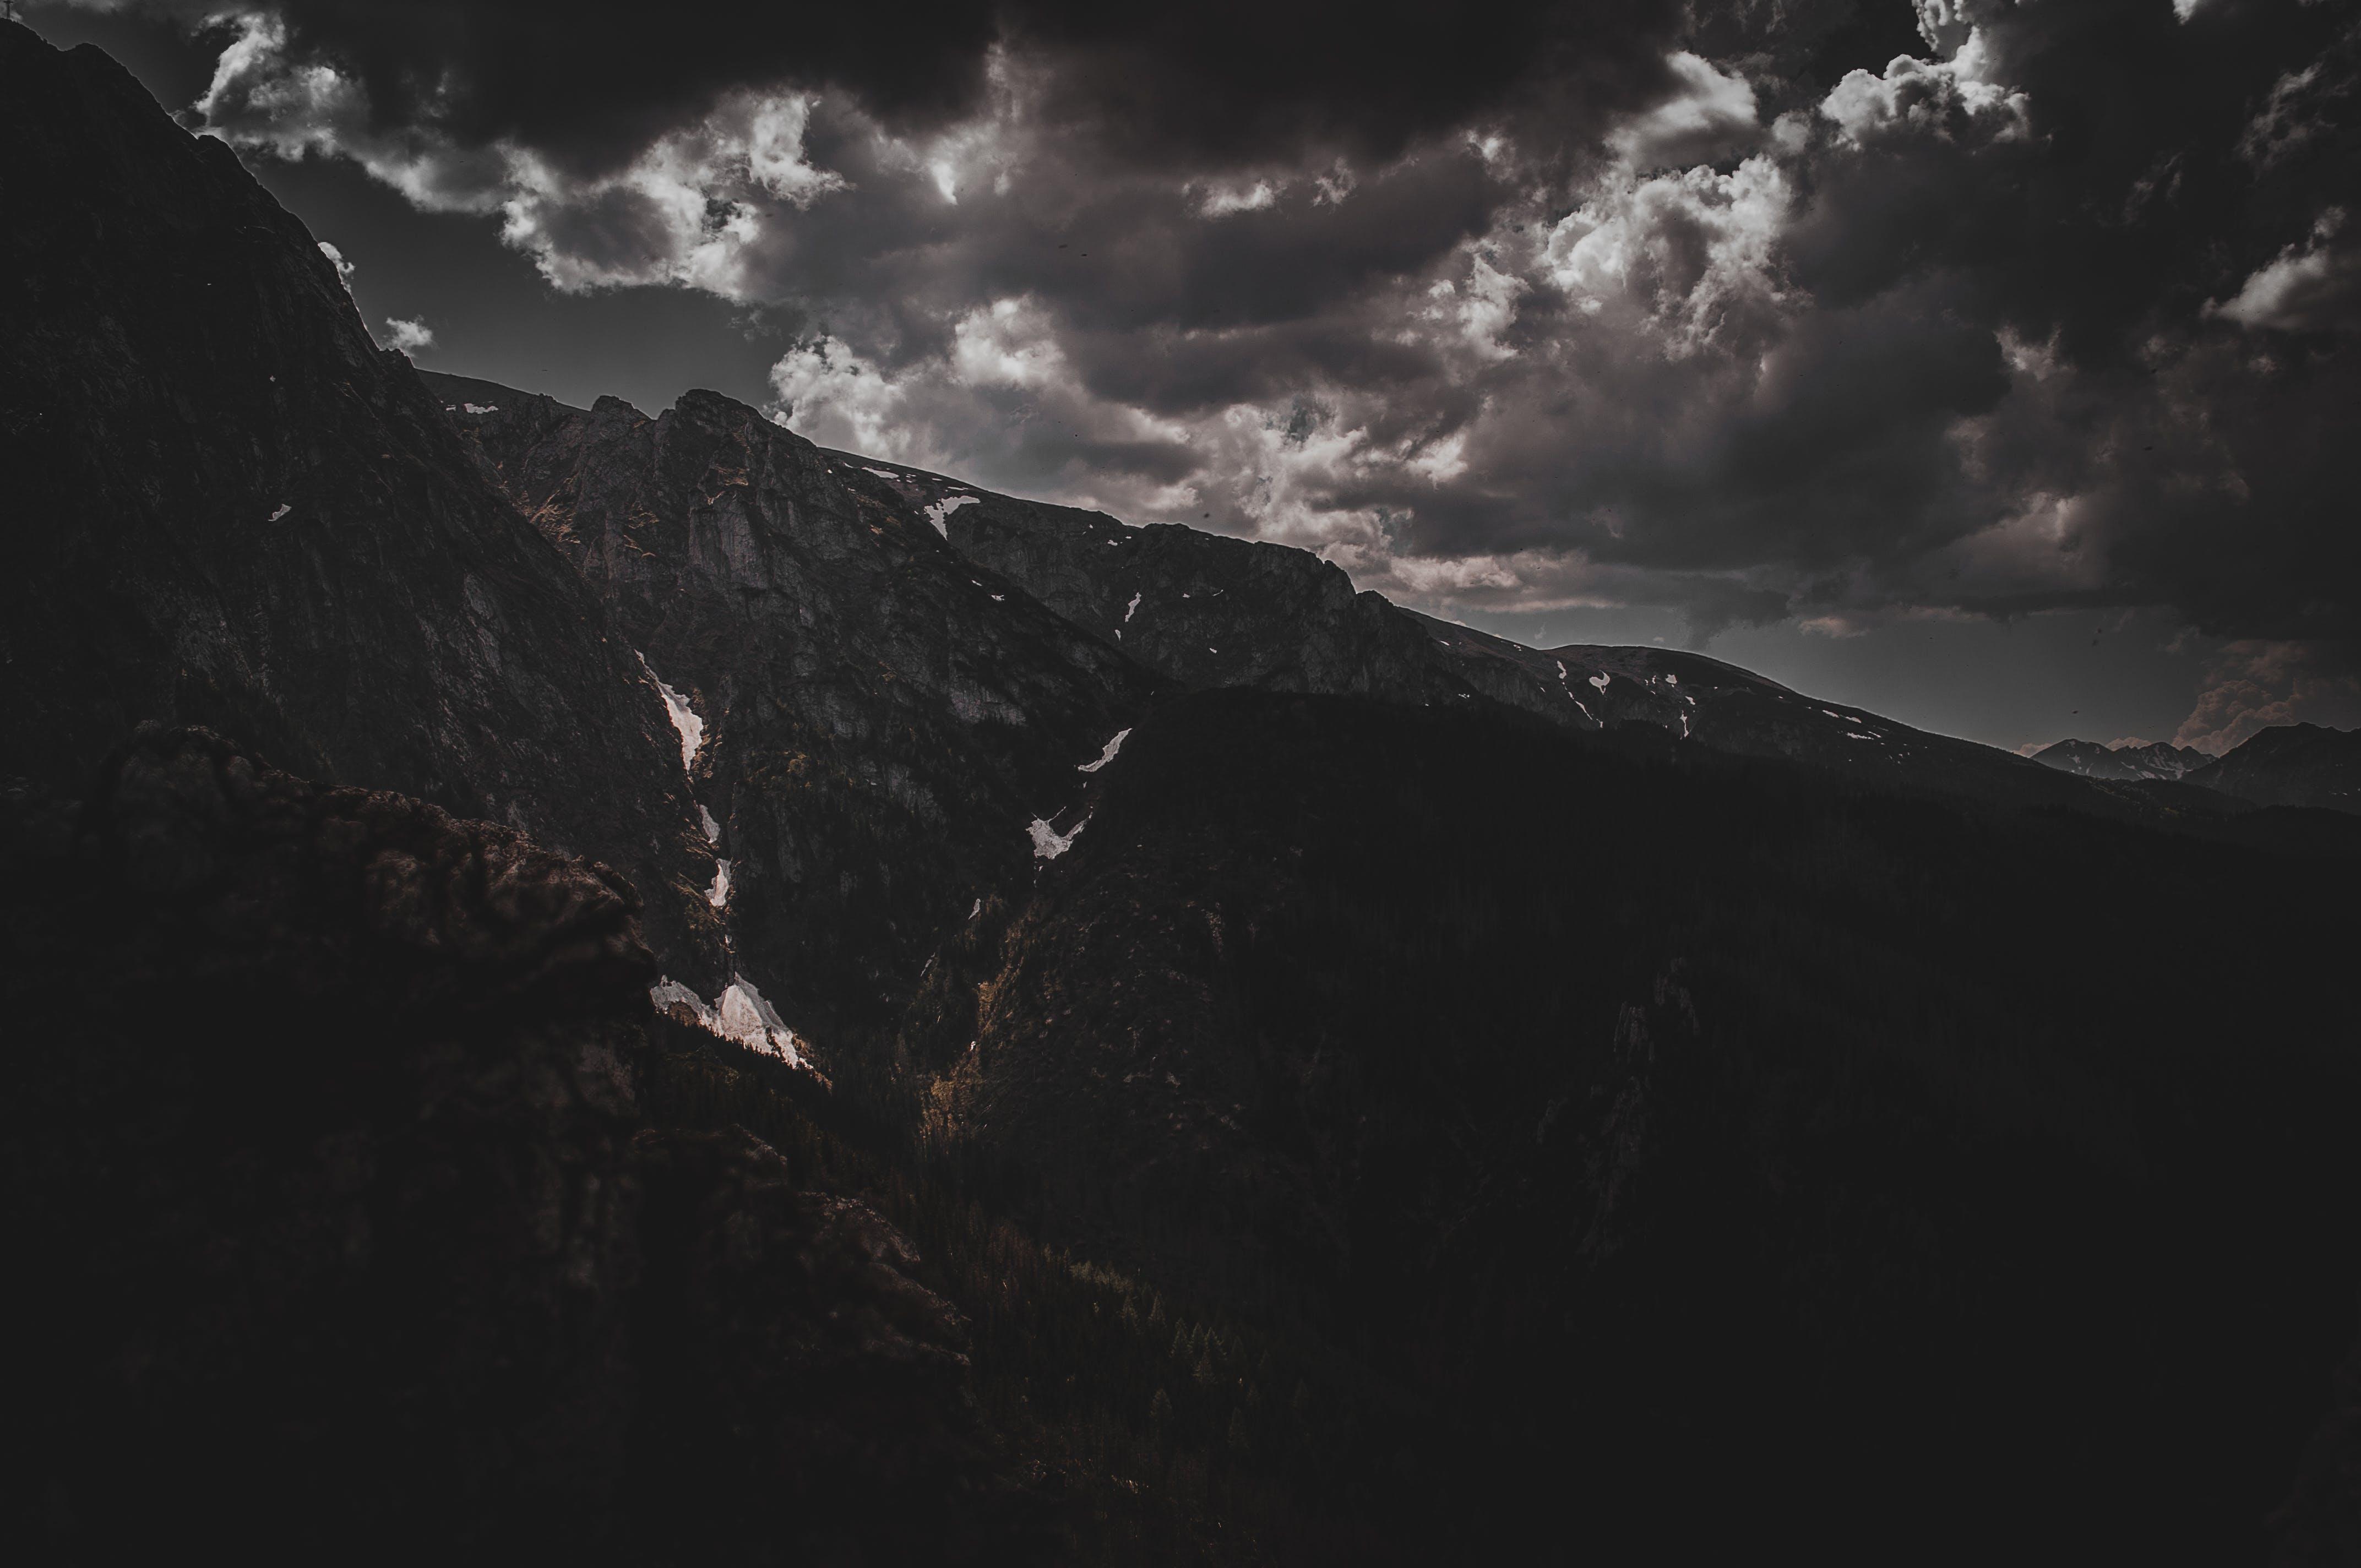 ドラマチック, 劇的, 山